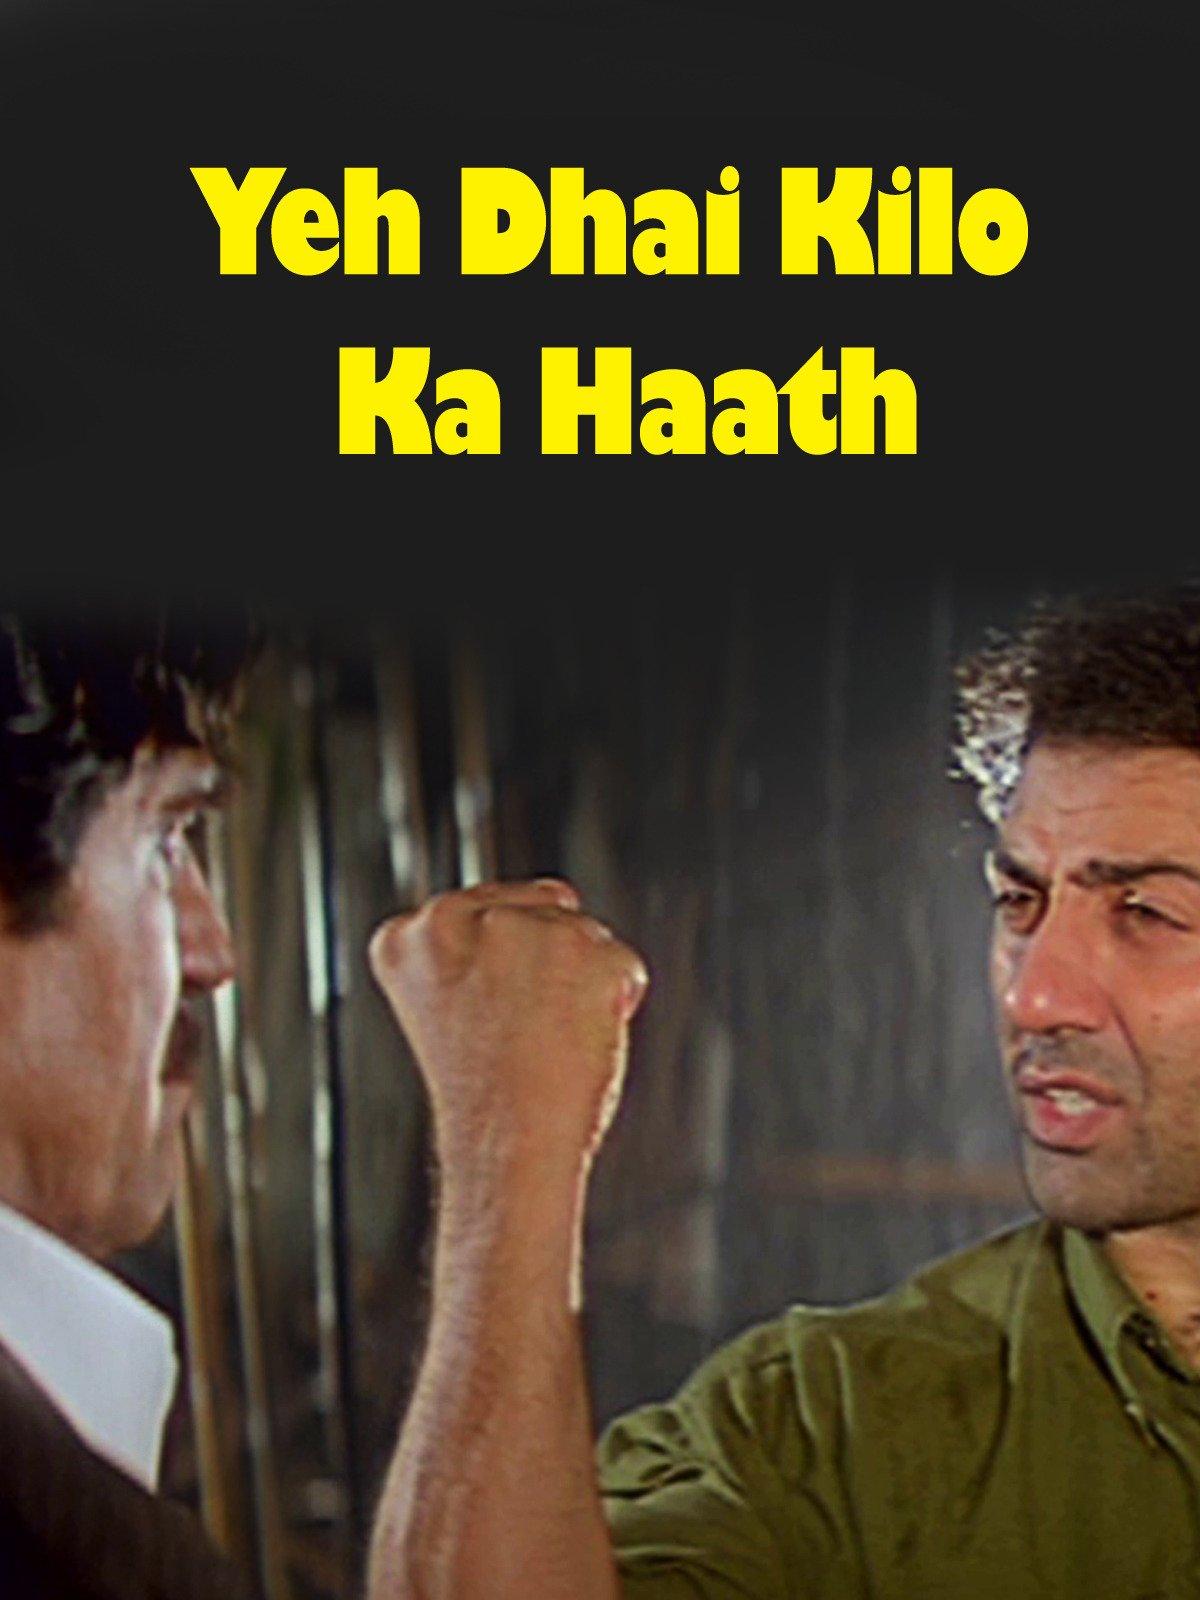 Clip: Yeh Dhai Kilo Ka Haath